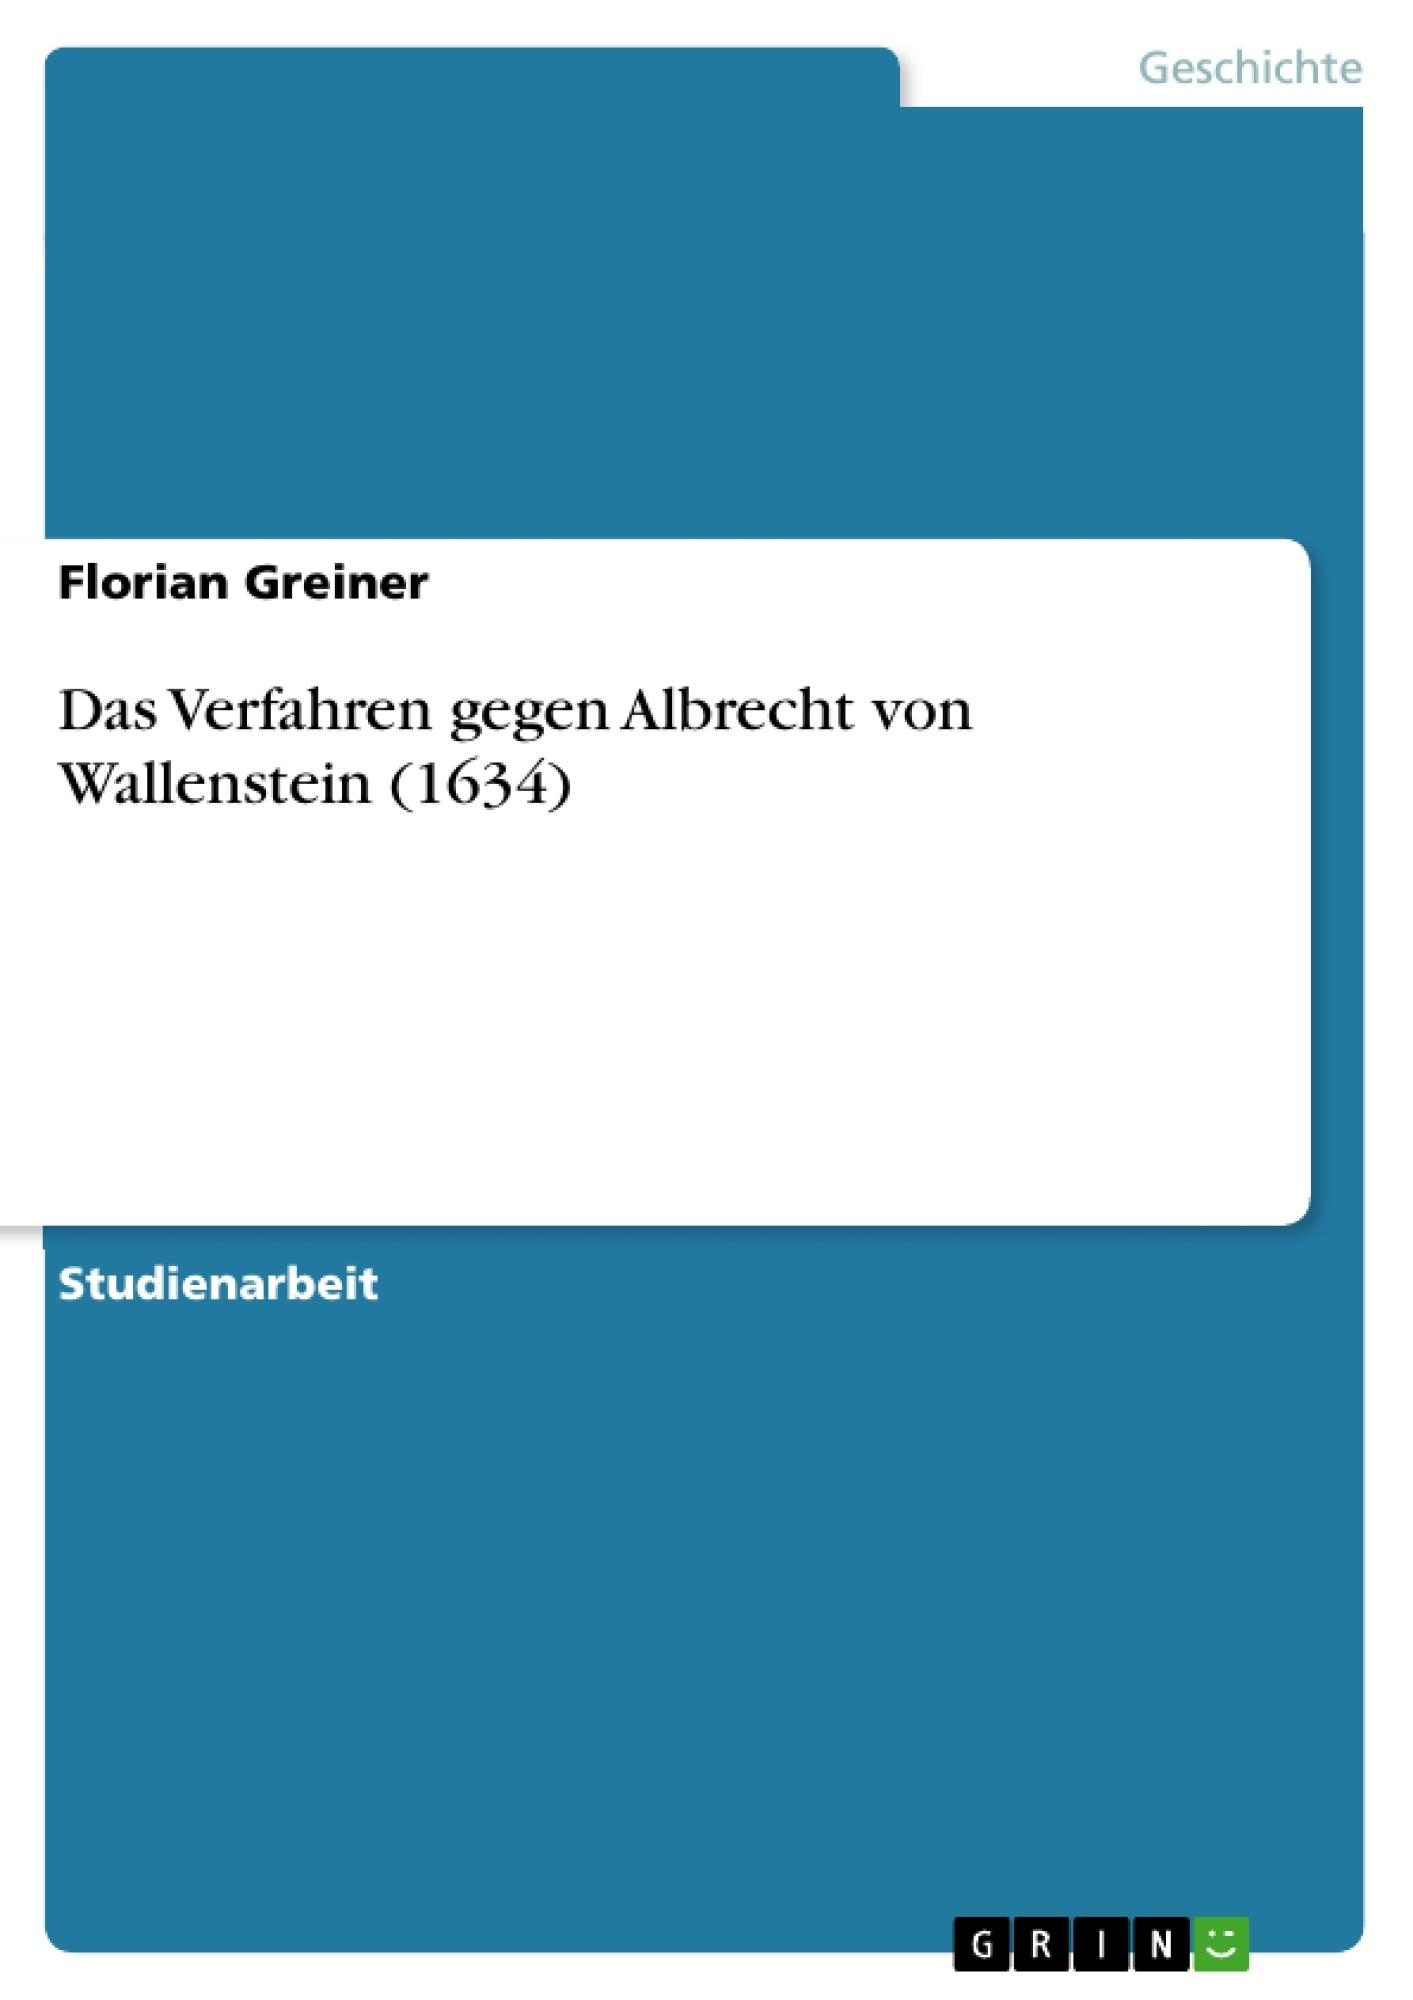 Titel: Das Verfahren gegen Albrecht von Wallenstein (1634)